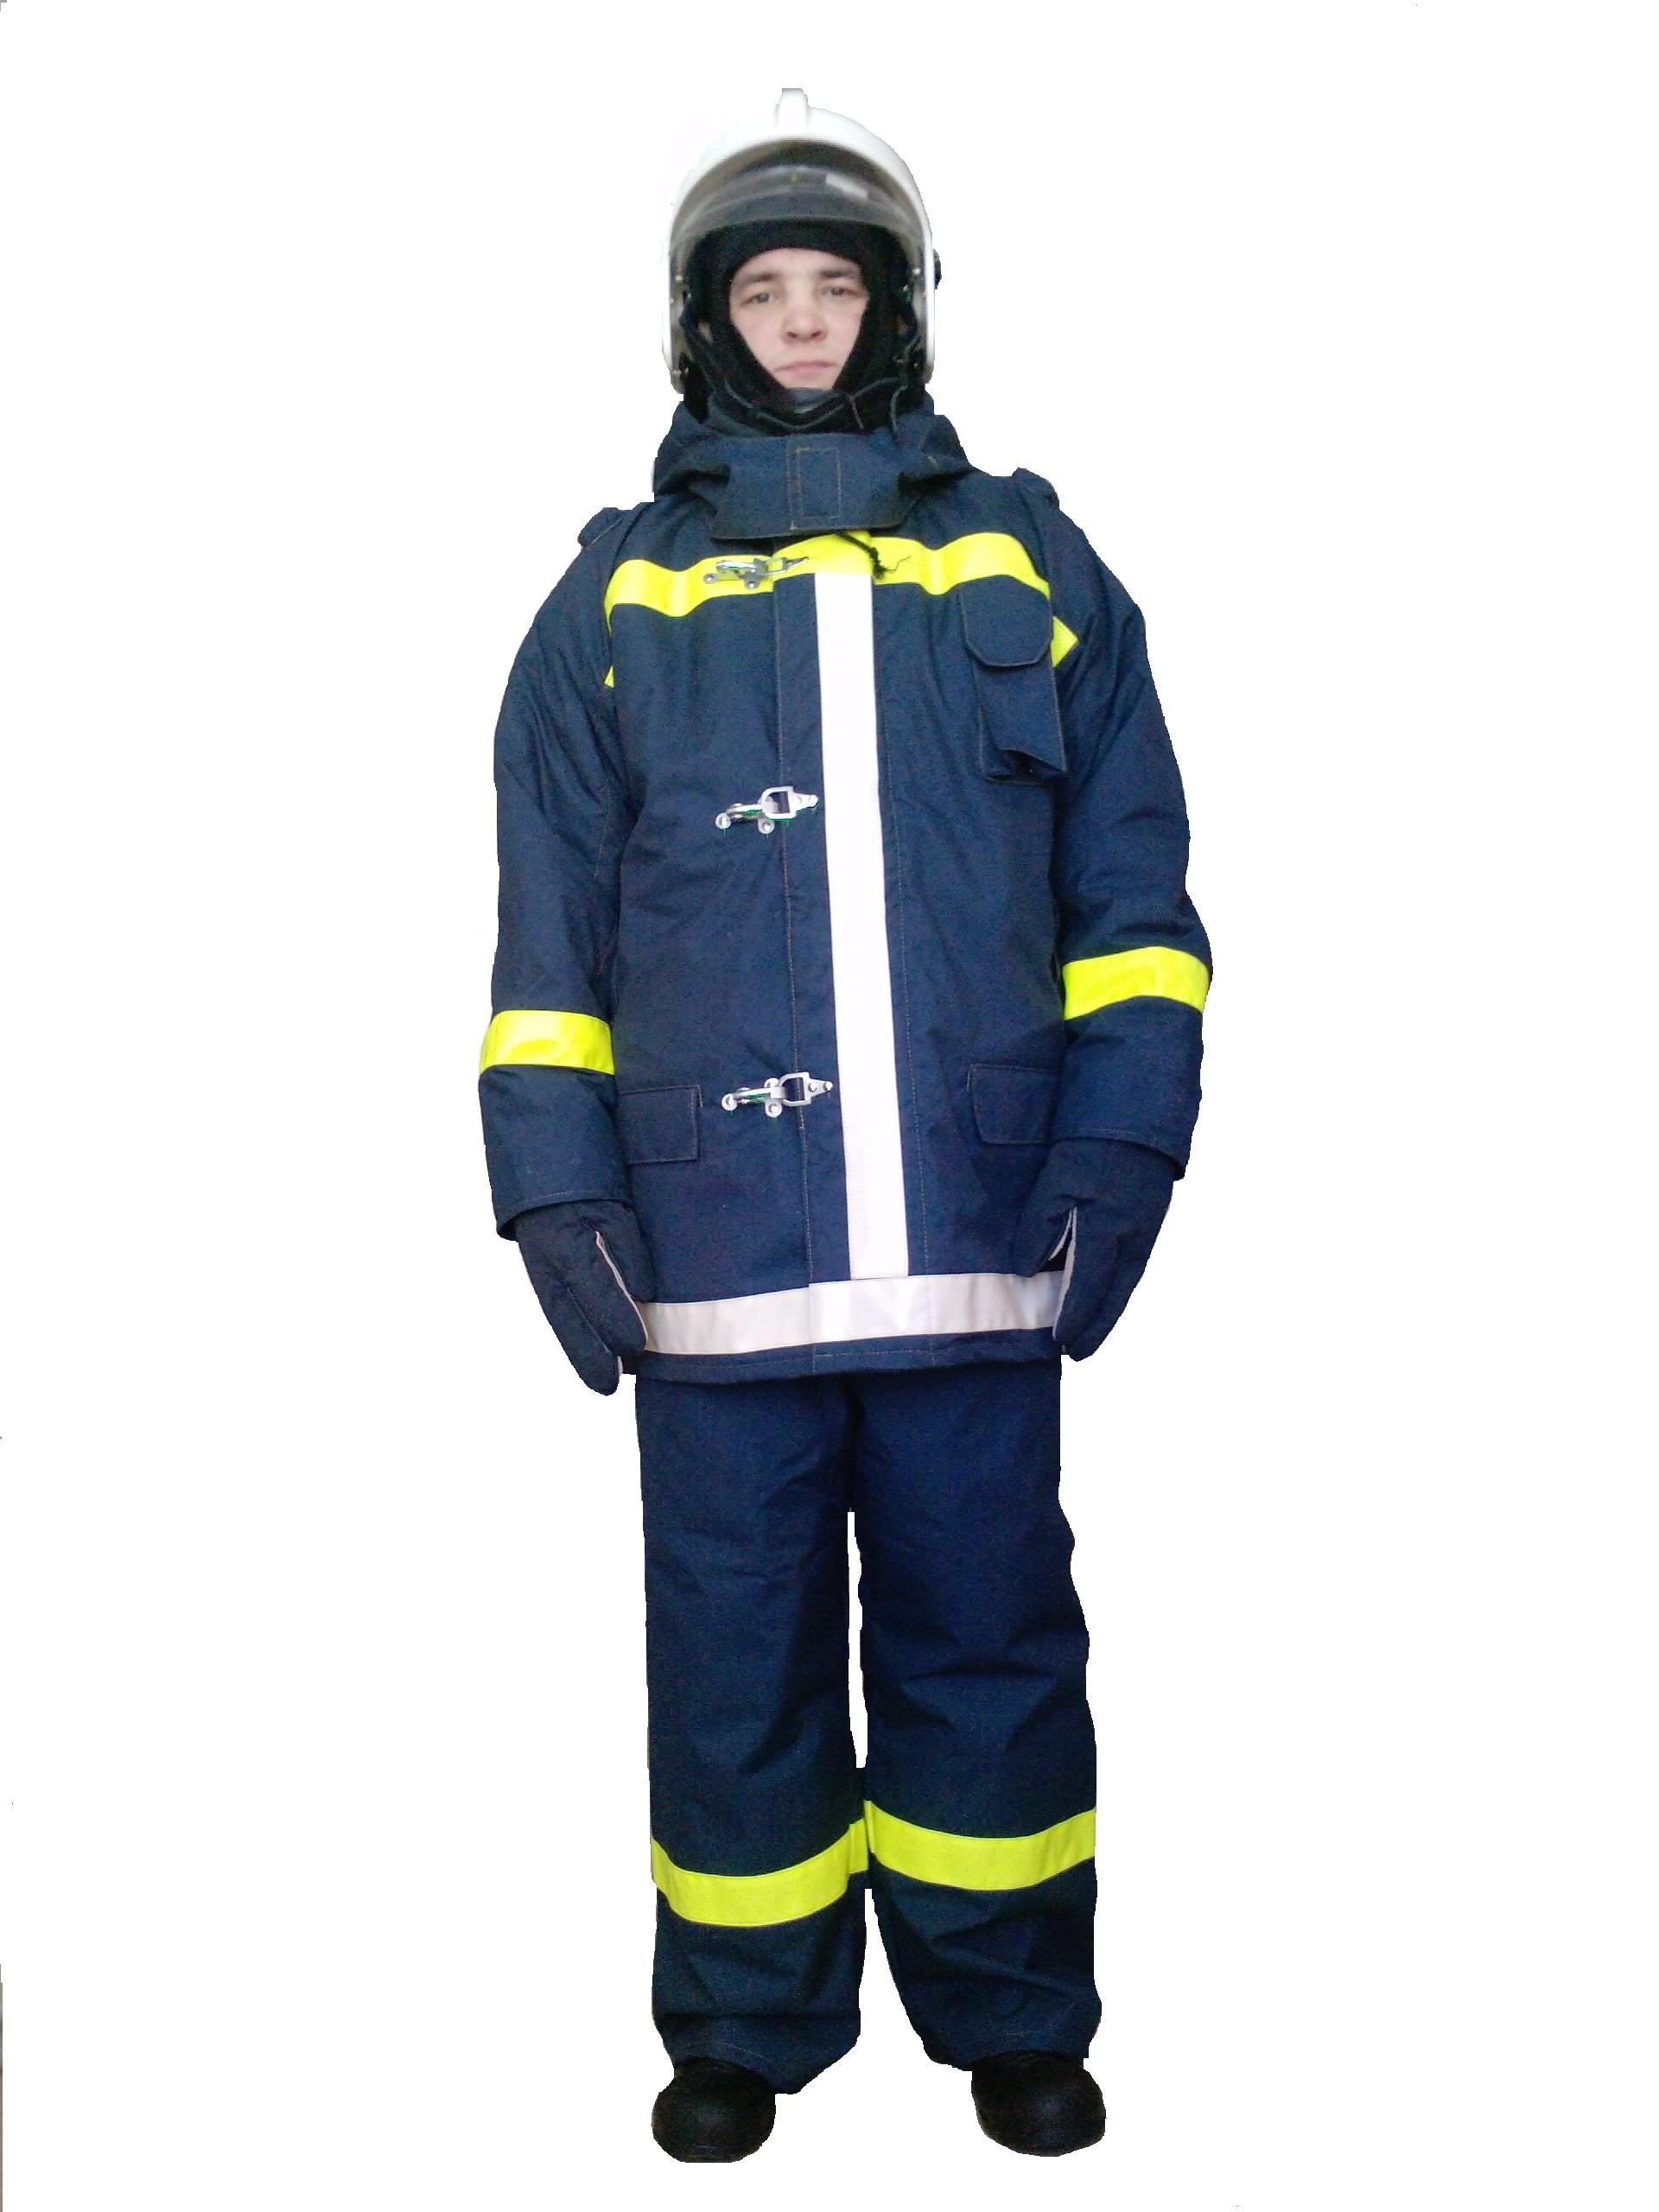 помощью простого одежда для пожарных фото именно из-за него